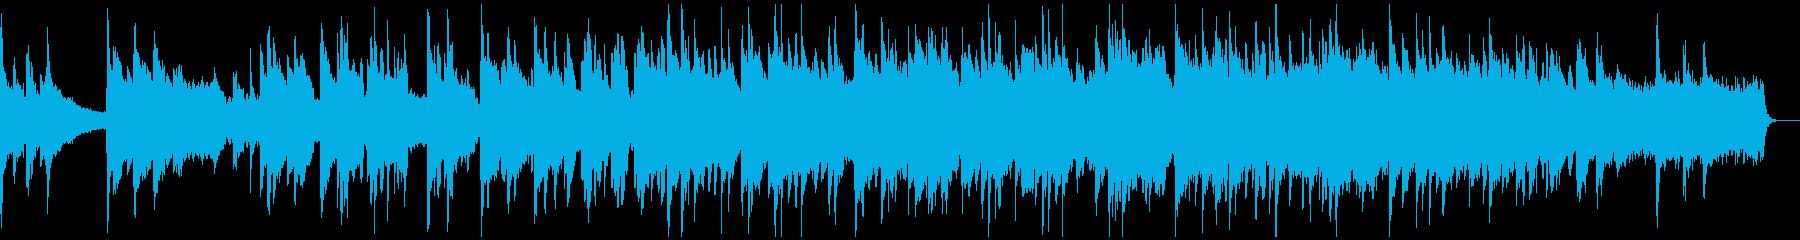 鬼滅「炎」風ロックバラード・壮大 Bの再生済みの波形